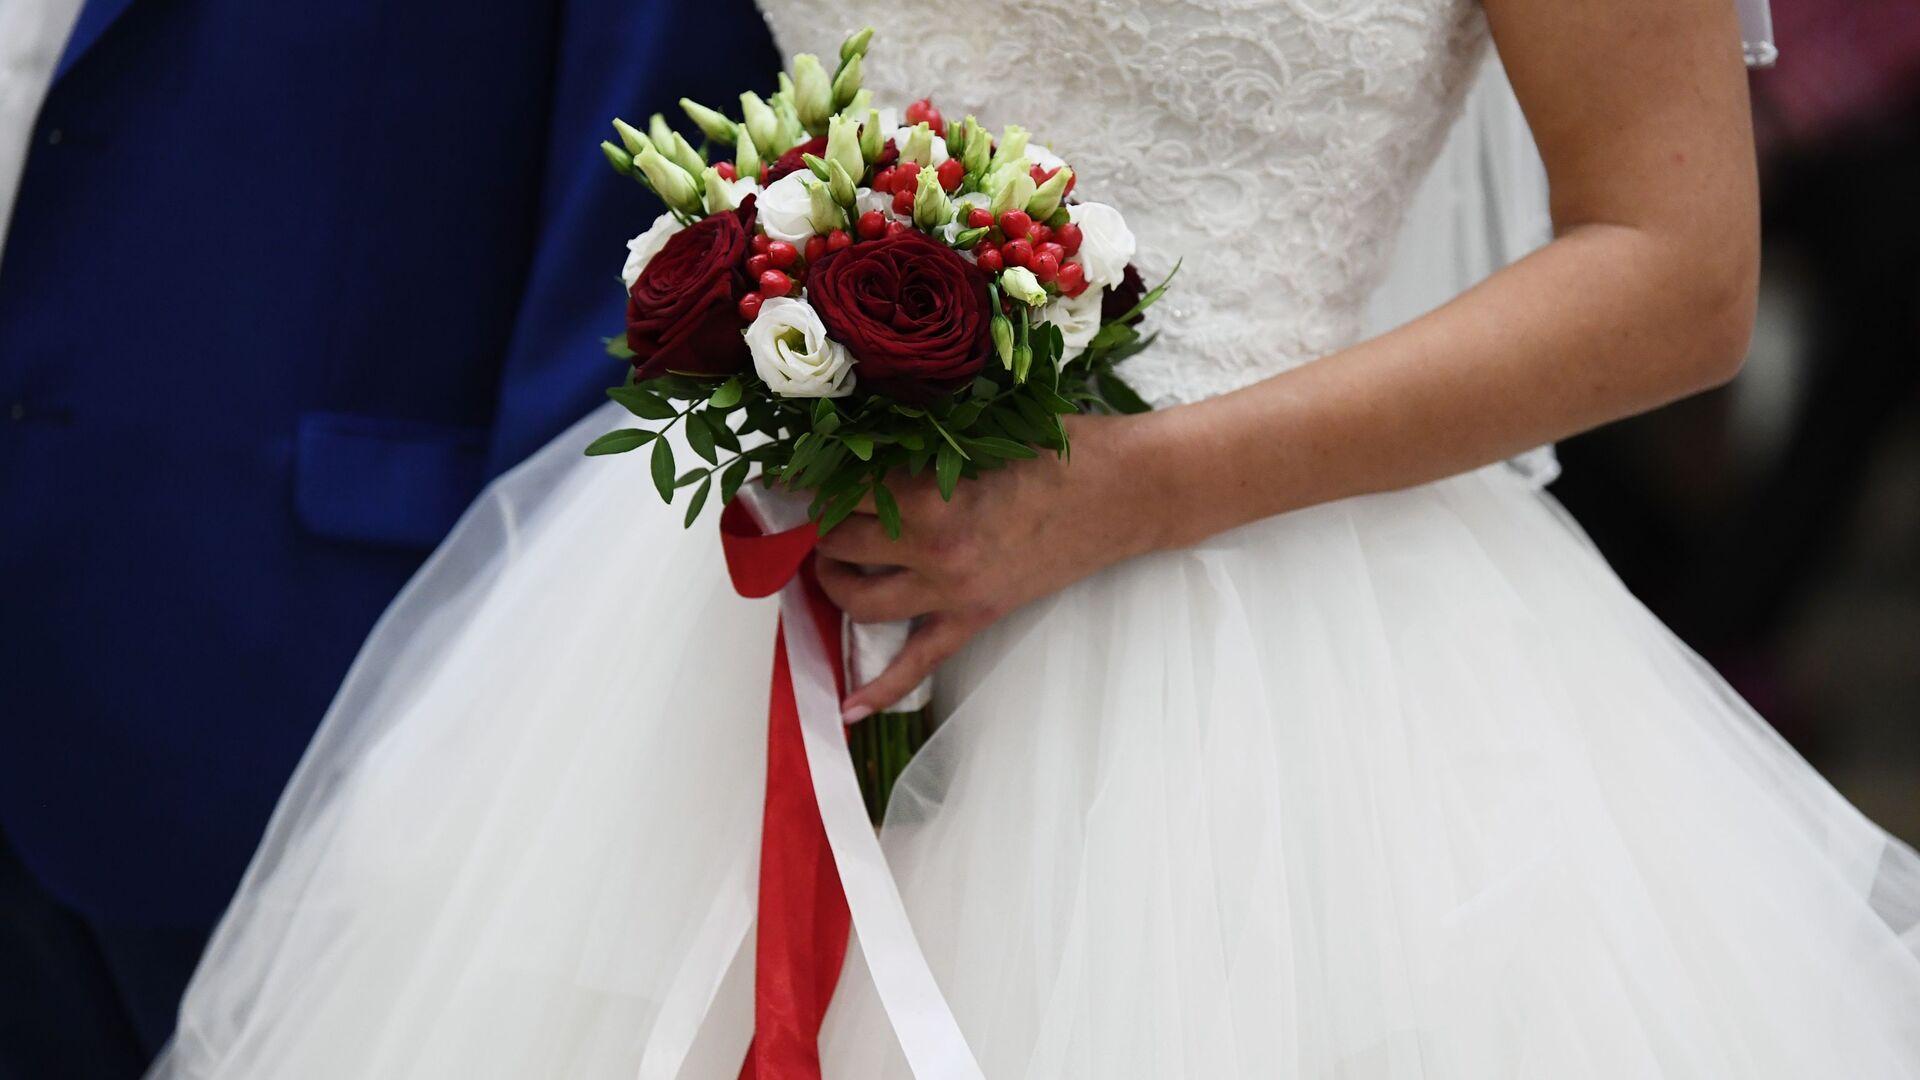 Букет в руках невесты на свадьбе - Sputnik Ўзбекистон, 1920, 20.09.2021